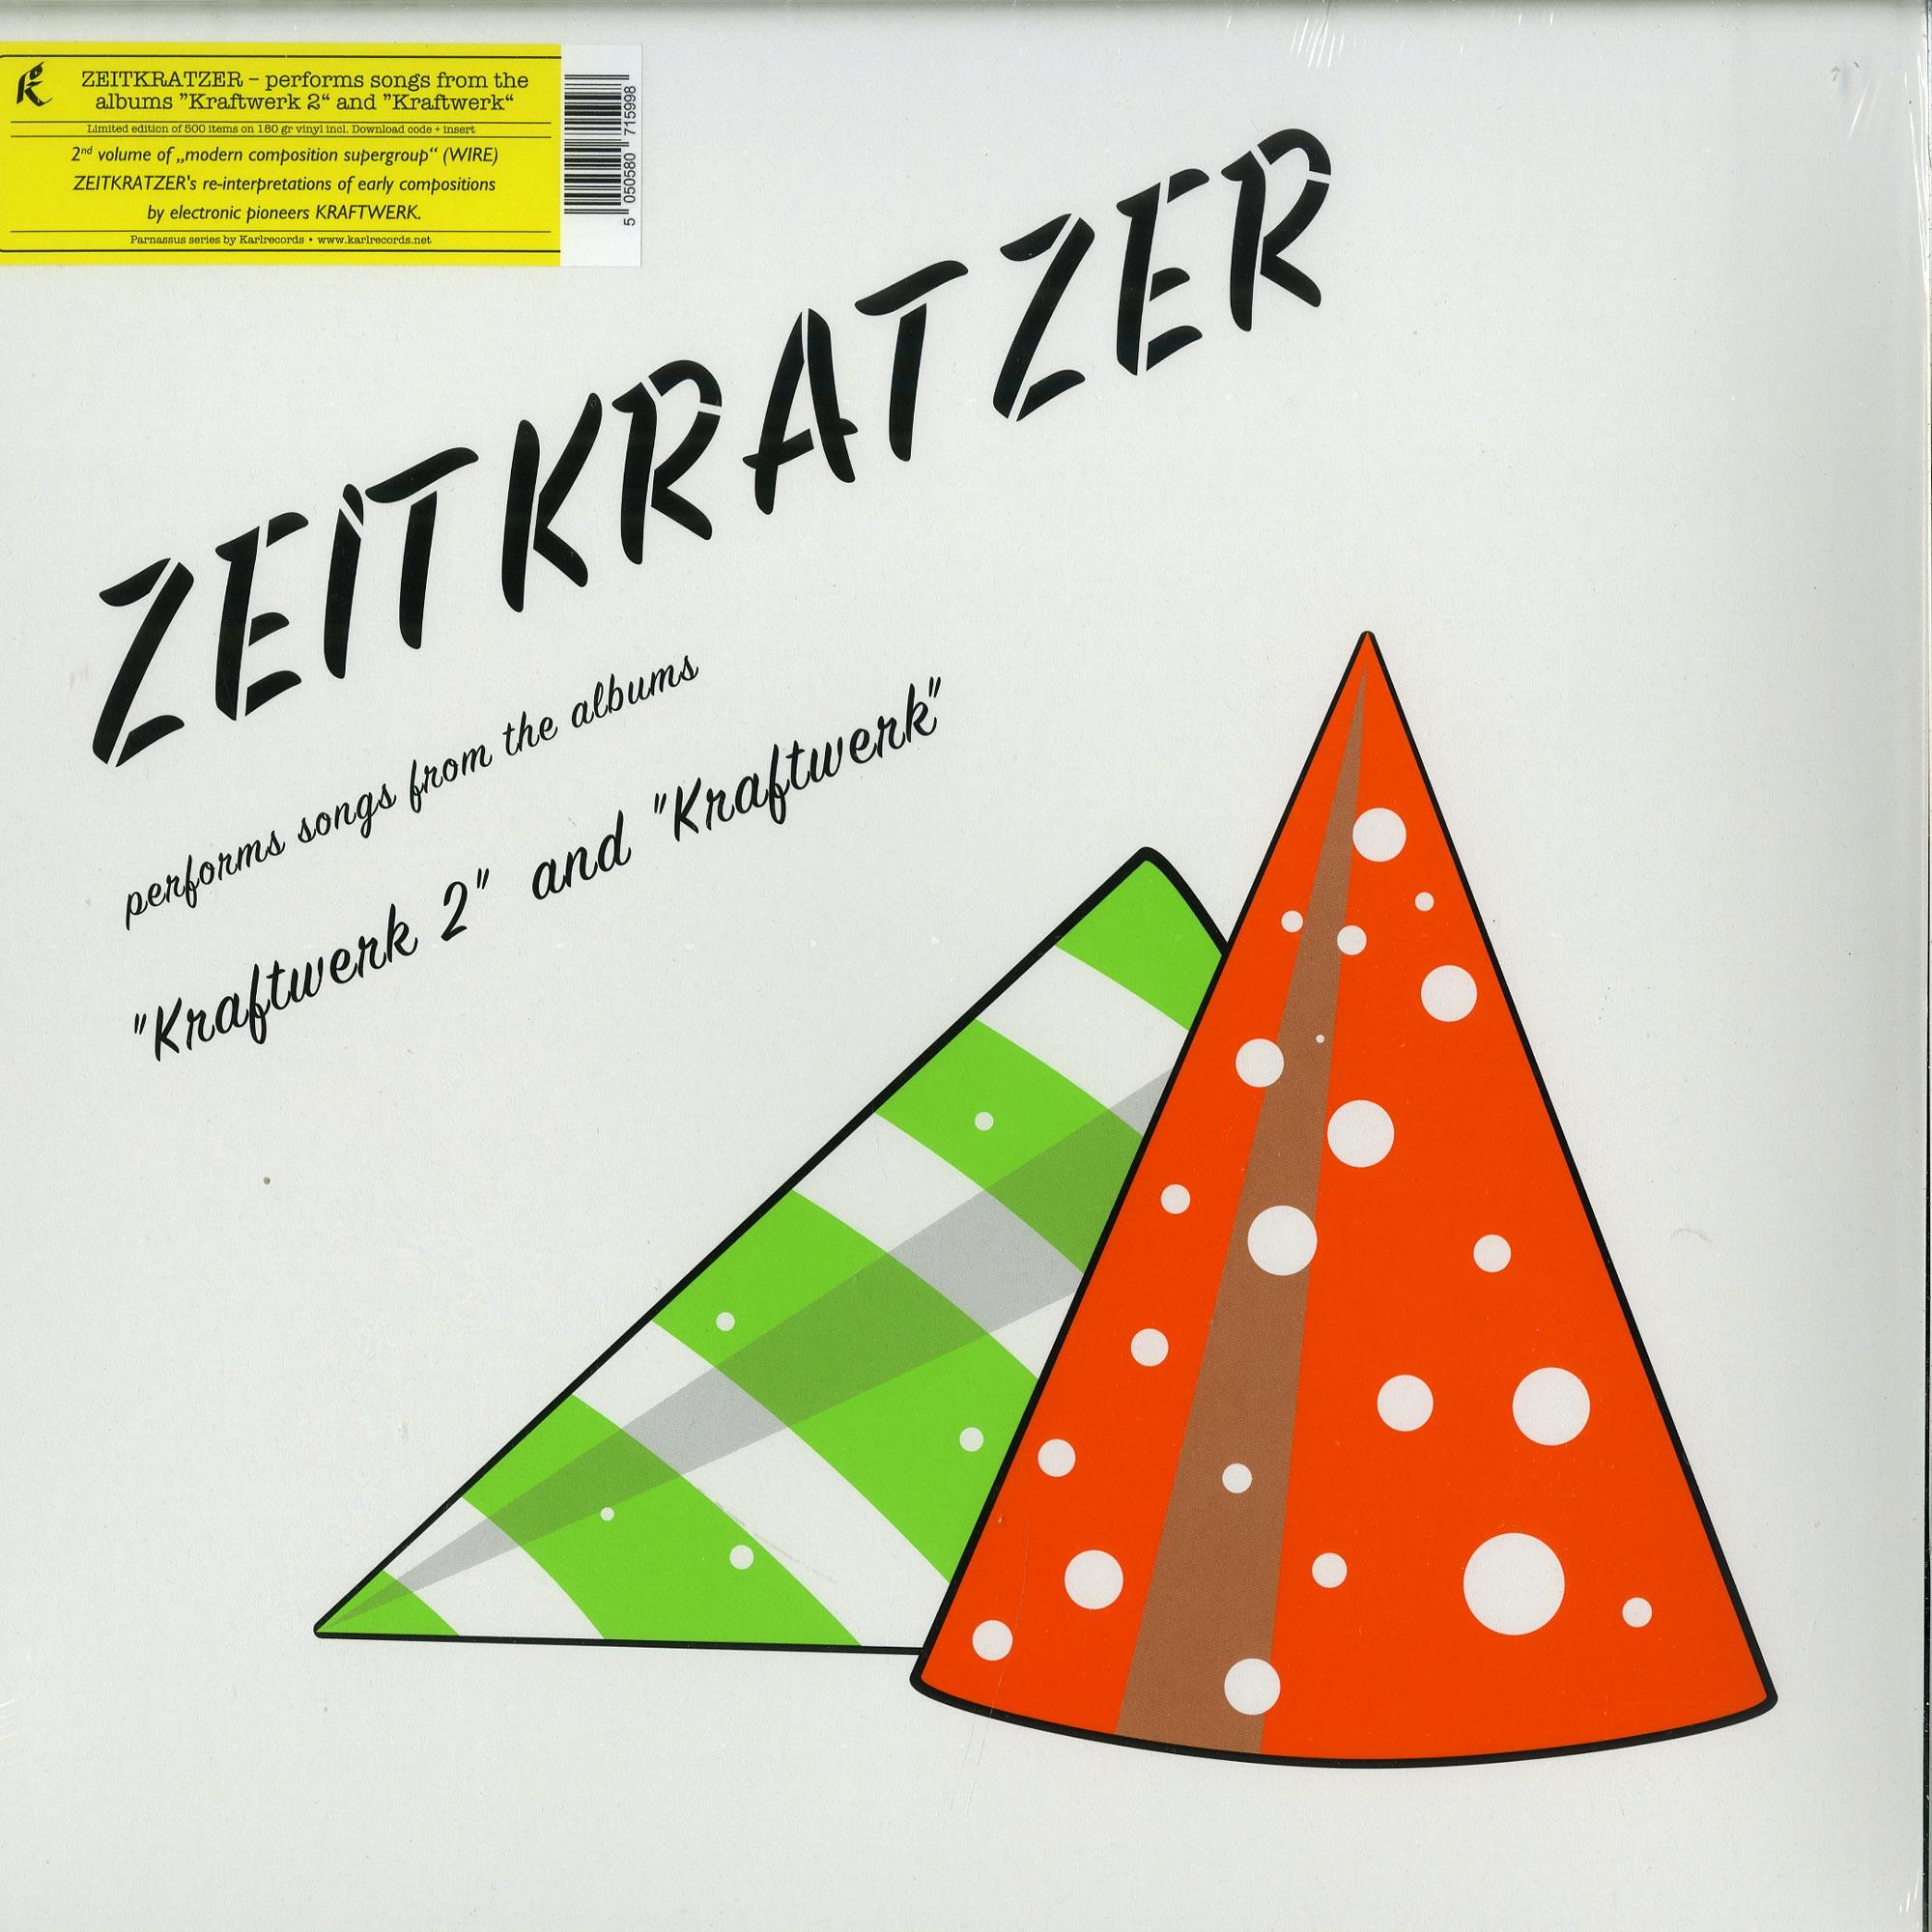 Zeitkratzer - ZEITKRATZER PERFORMS SONGS FROM THE ALBUMS KRAFTWERK 2 AND KRAFTWERK